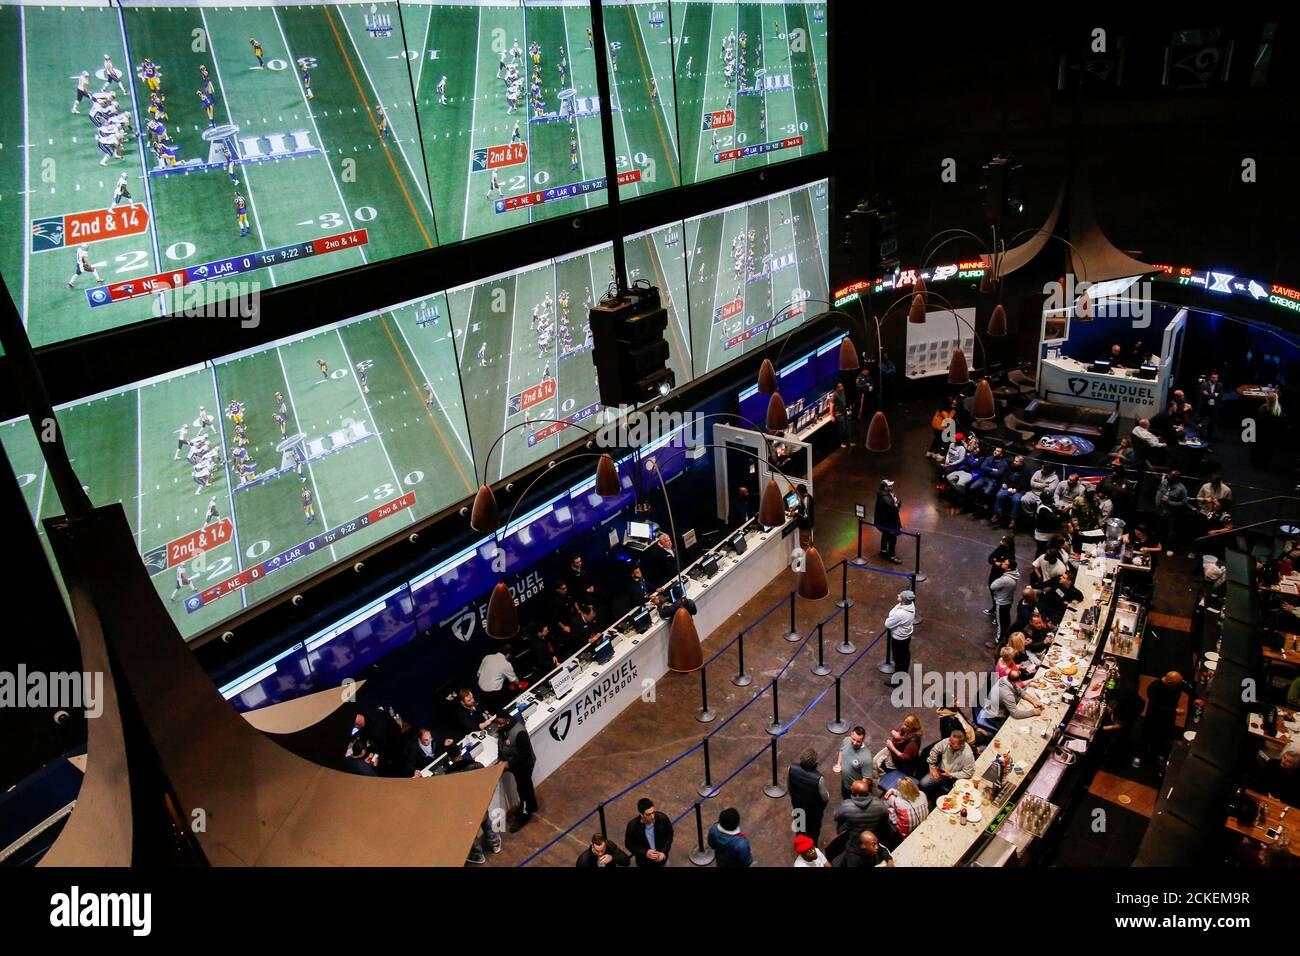 La gente hace sus apuestas en el FONDUEL sportsbook durante el Super Bowl LIII en East Rutherford, New Jersey, EE.UU., 3 de febrero de 2019. REUTERS/Eduardo Muñoz Foto de stock